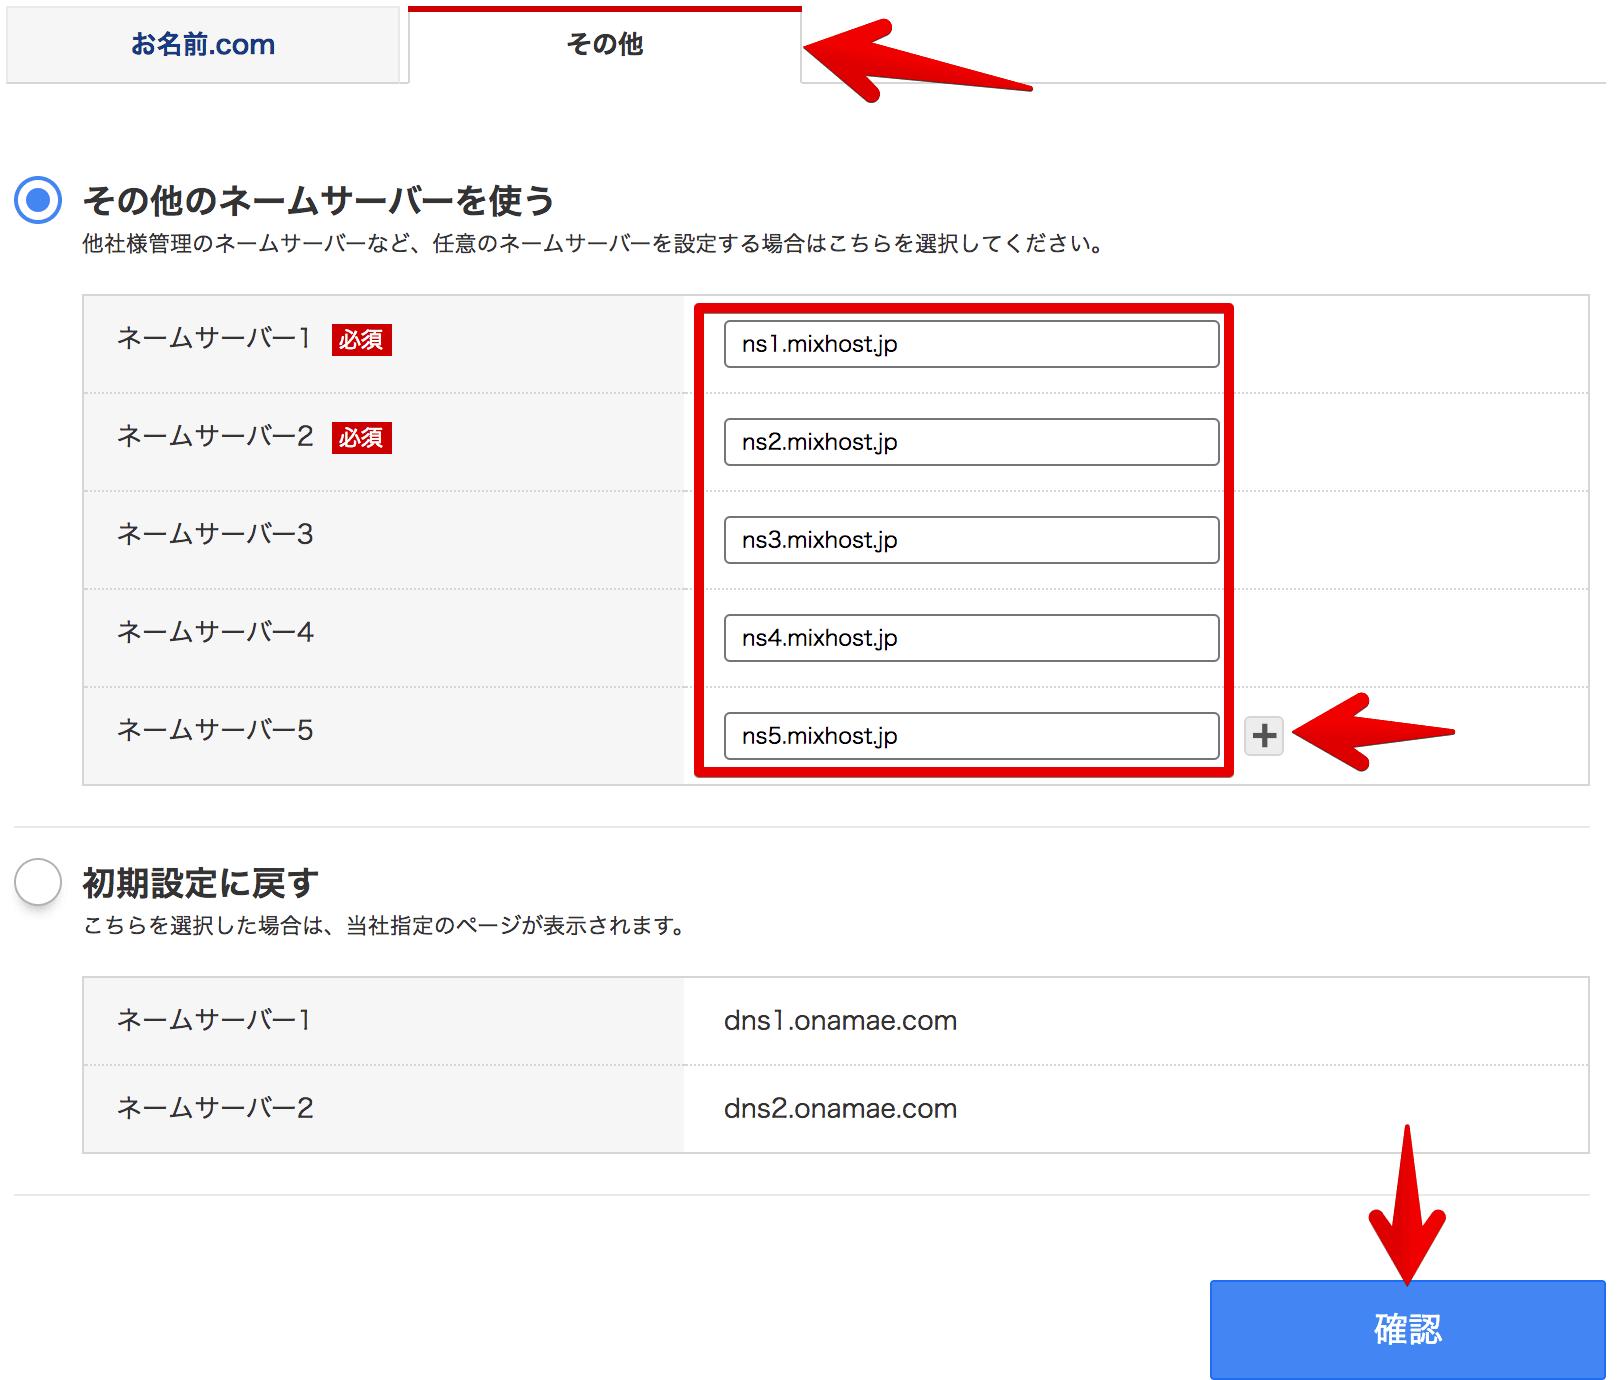 お名前.comその他のネームサーバー設定